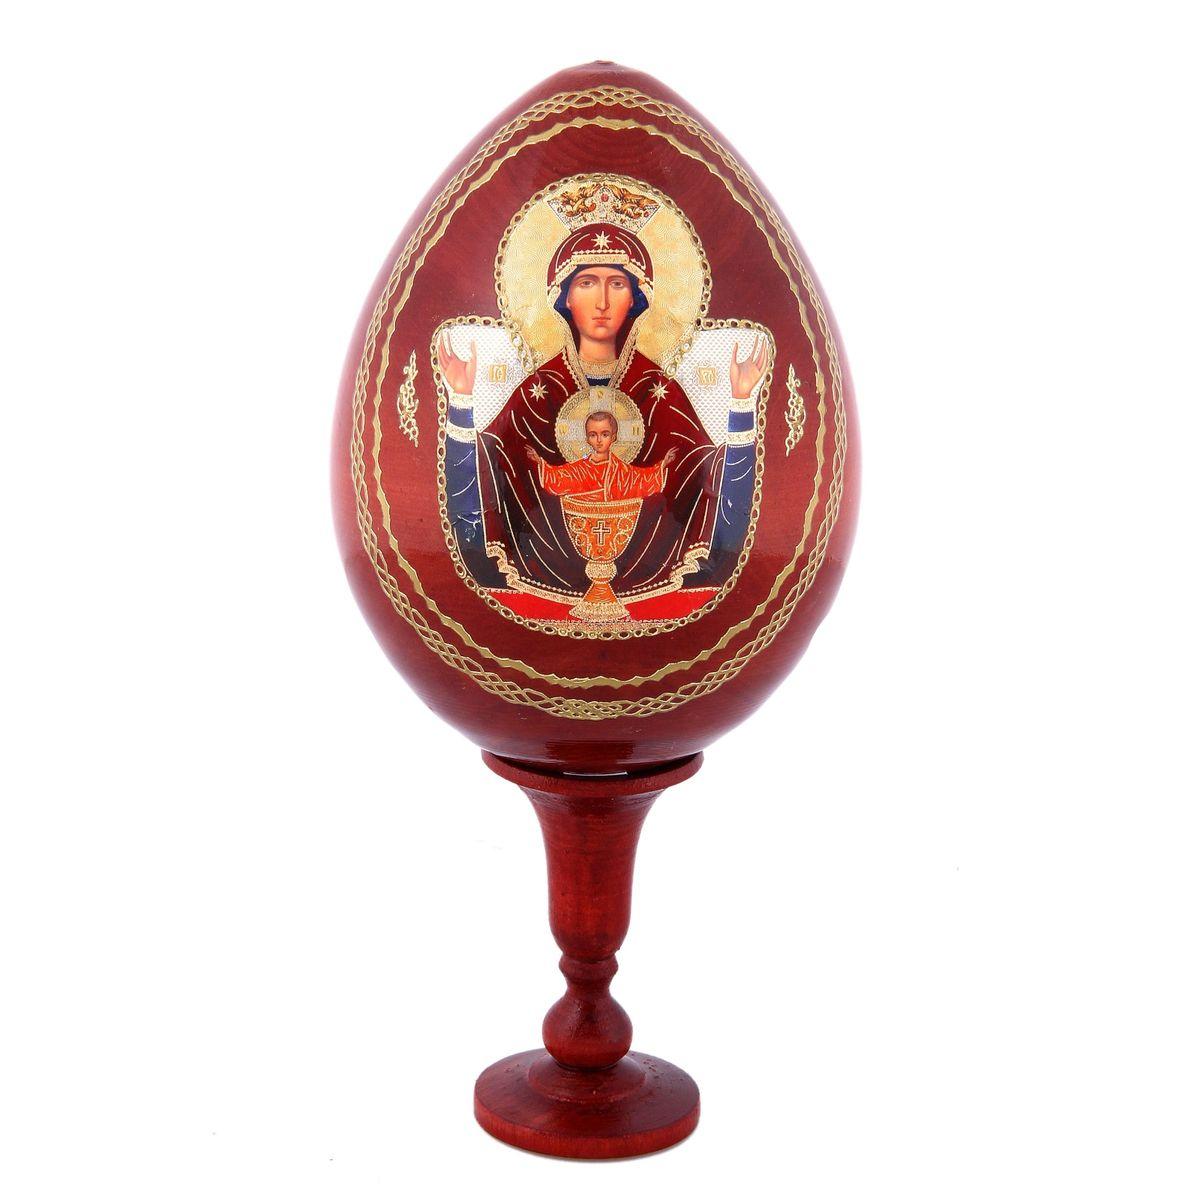 Яйцо декоративное Sima-land Неупиваемая чаша, на подставке, высота 21 см41619Декоративное яйцо Sima-land Неупиваемая чаша изготовлено из дерева с лаковым покрытием. Яйцо оформлено изображением иконы Неупиваемая чаша и золотыми узорами. Изделие располагается на деревянной подставке. Декоративное яйцо Sima-land Неупиваемая чаша принесет в ваш дом ощущение торжества, душевного уюта и станет идеальным подарком на Пасху. Диаметр яйца: 9,5 см. Высота яйца: 13,5 см. Размер подставки: 4 см х 4 см х 7,5 см.